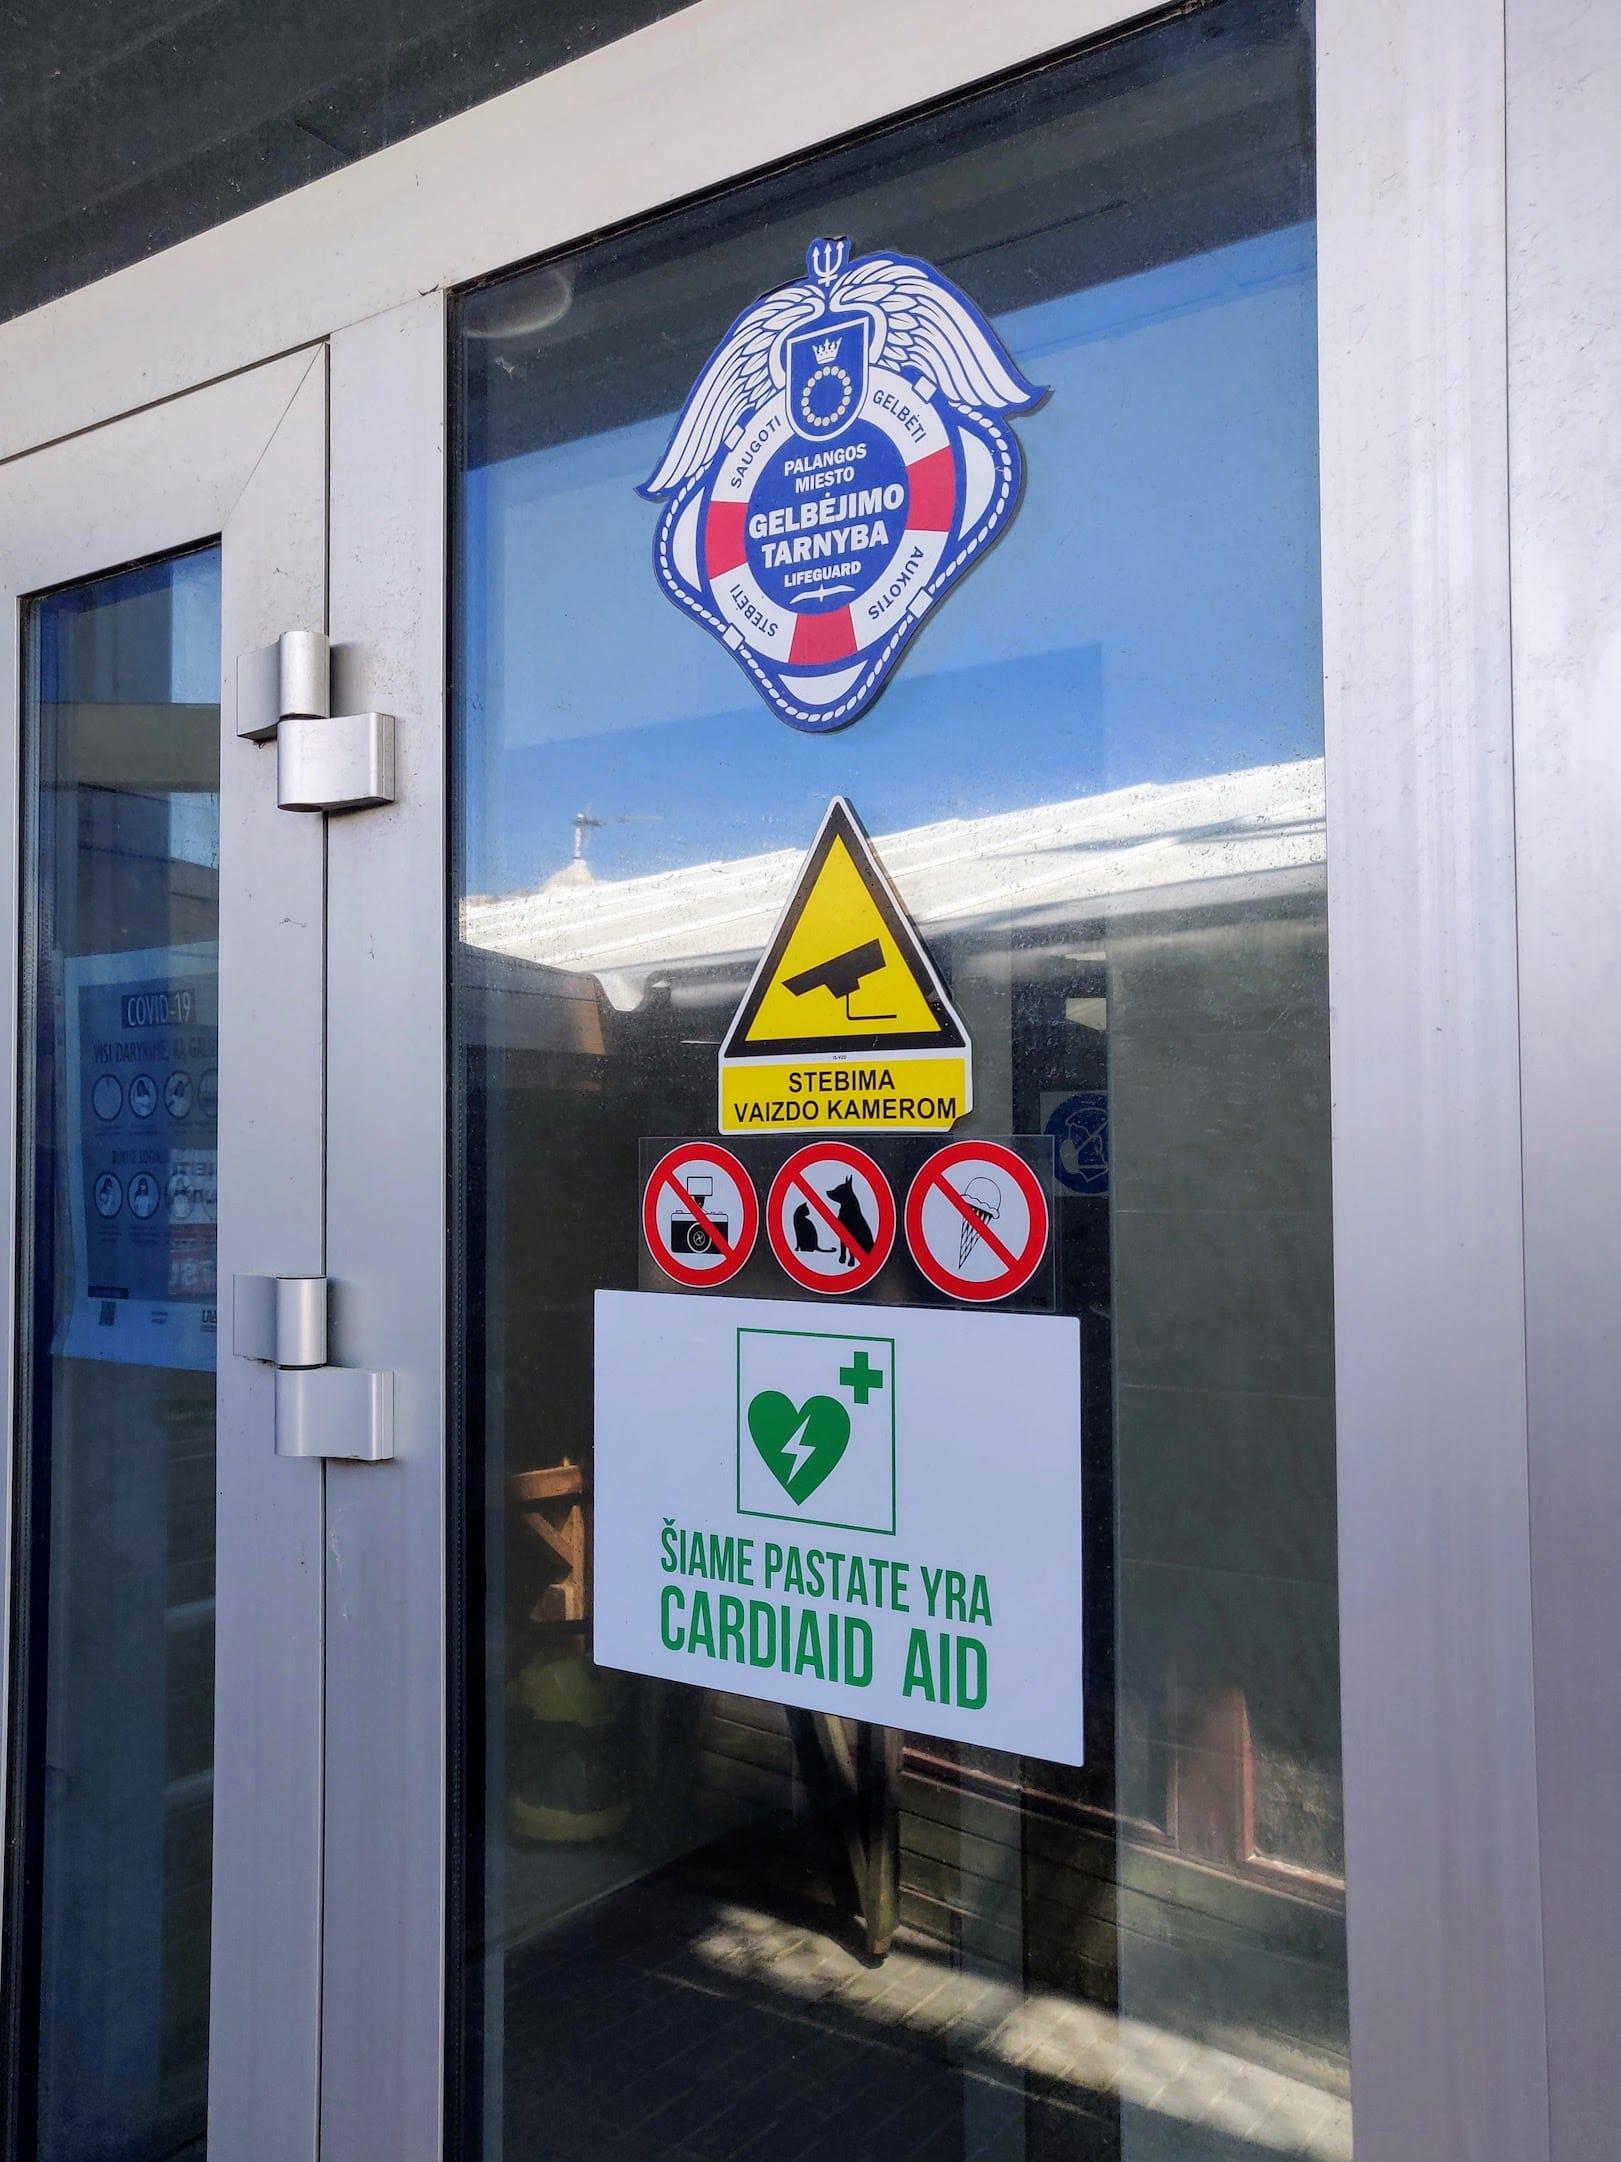 Automatiniai išoriniai defibriliatoriai Palangos miesto gelbėjimo stotyje: įėjimas